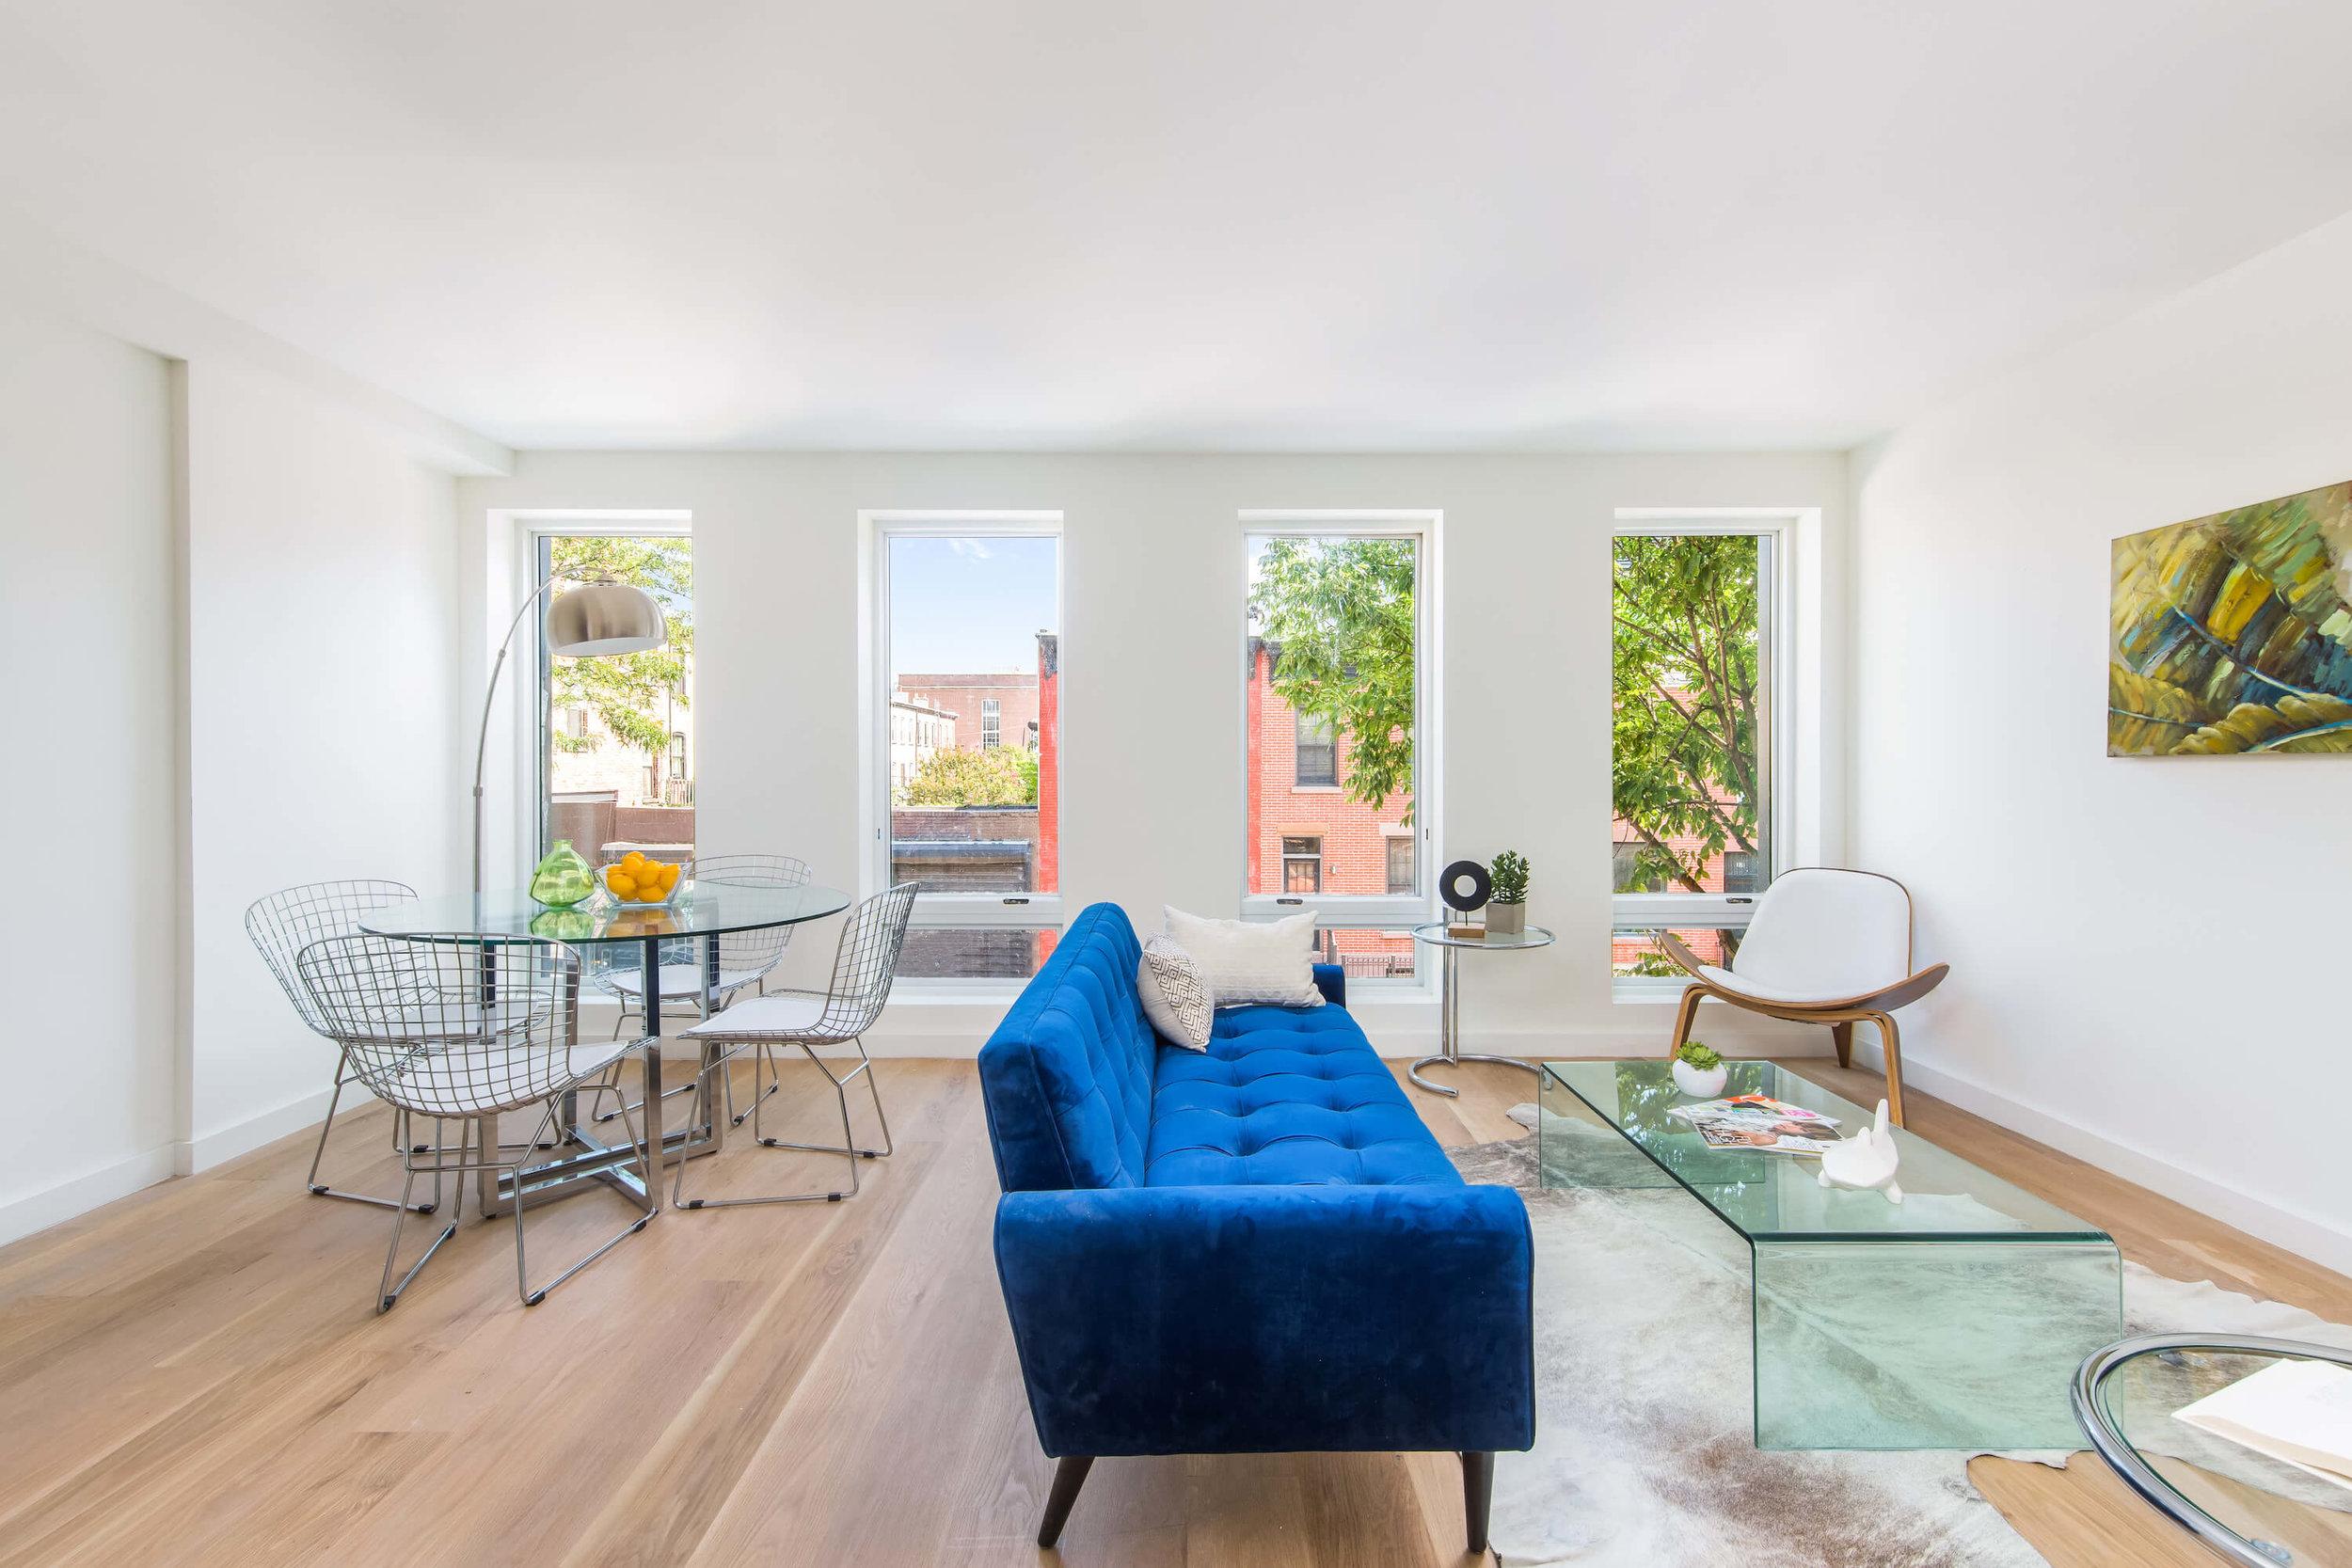 Interior Design of Second level duplex apartment